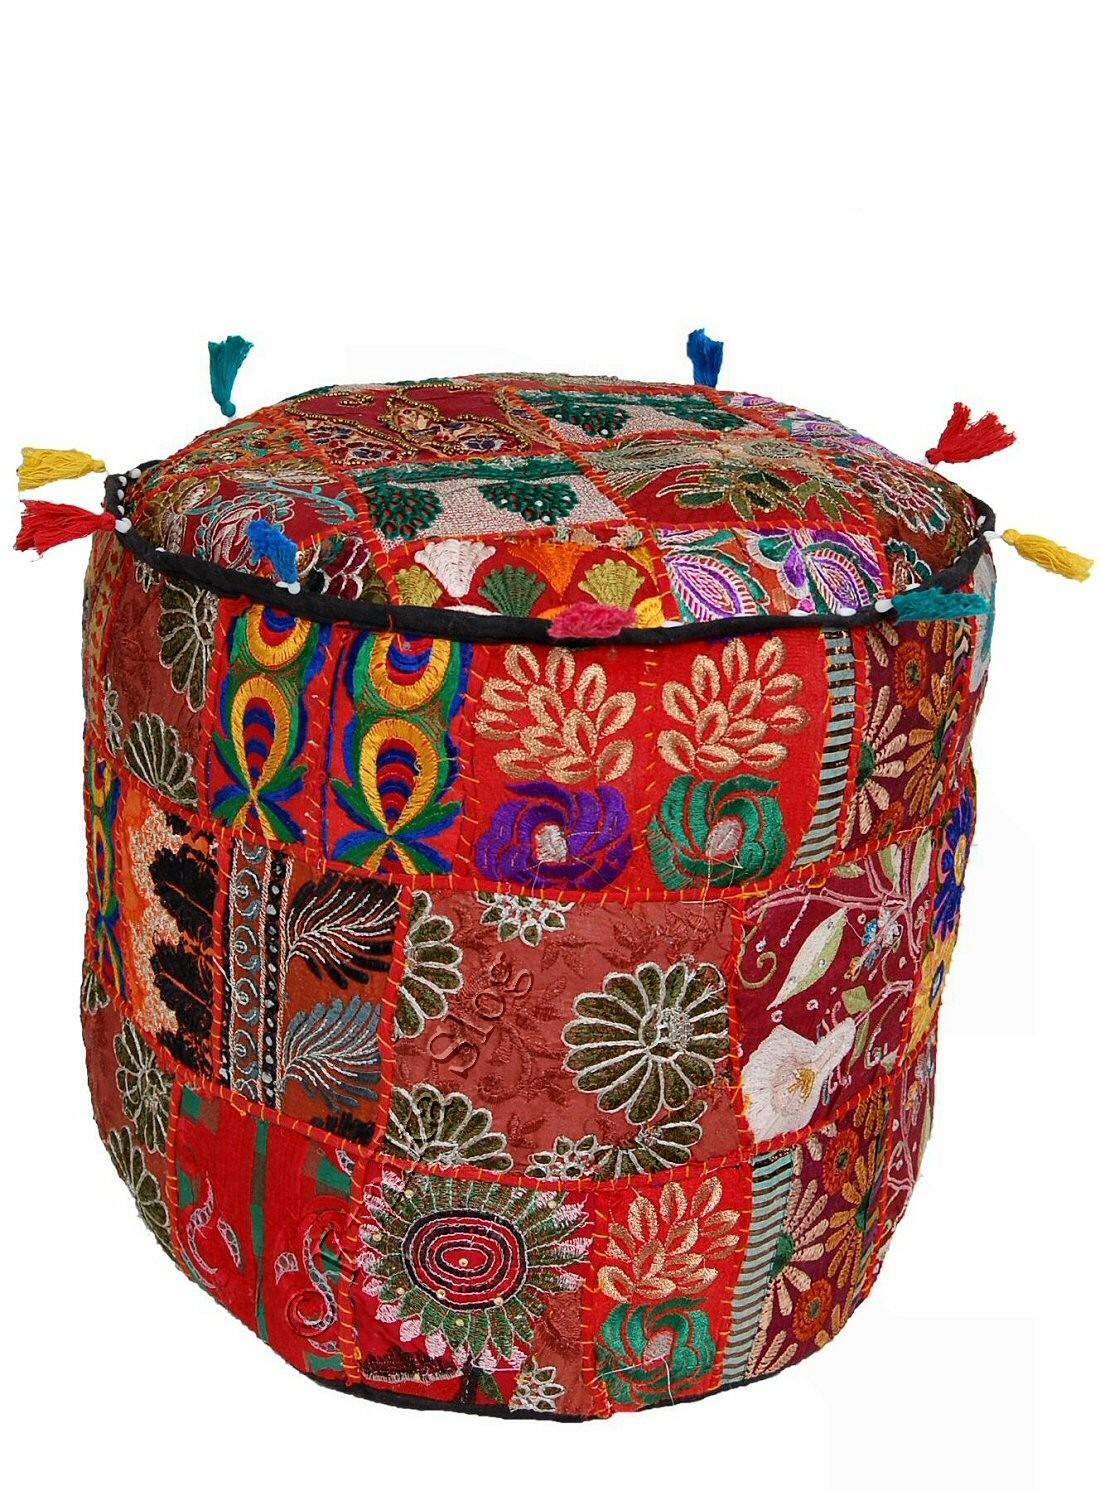 CUSCINO POUF INDIANO CS-GA01 - Oriente Import S.r.l.